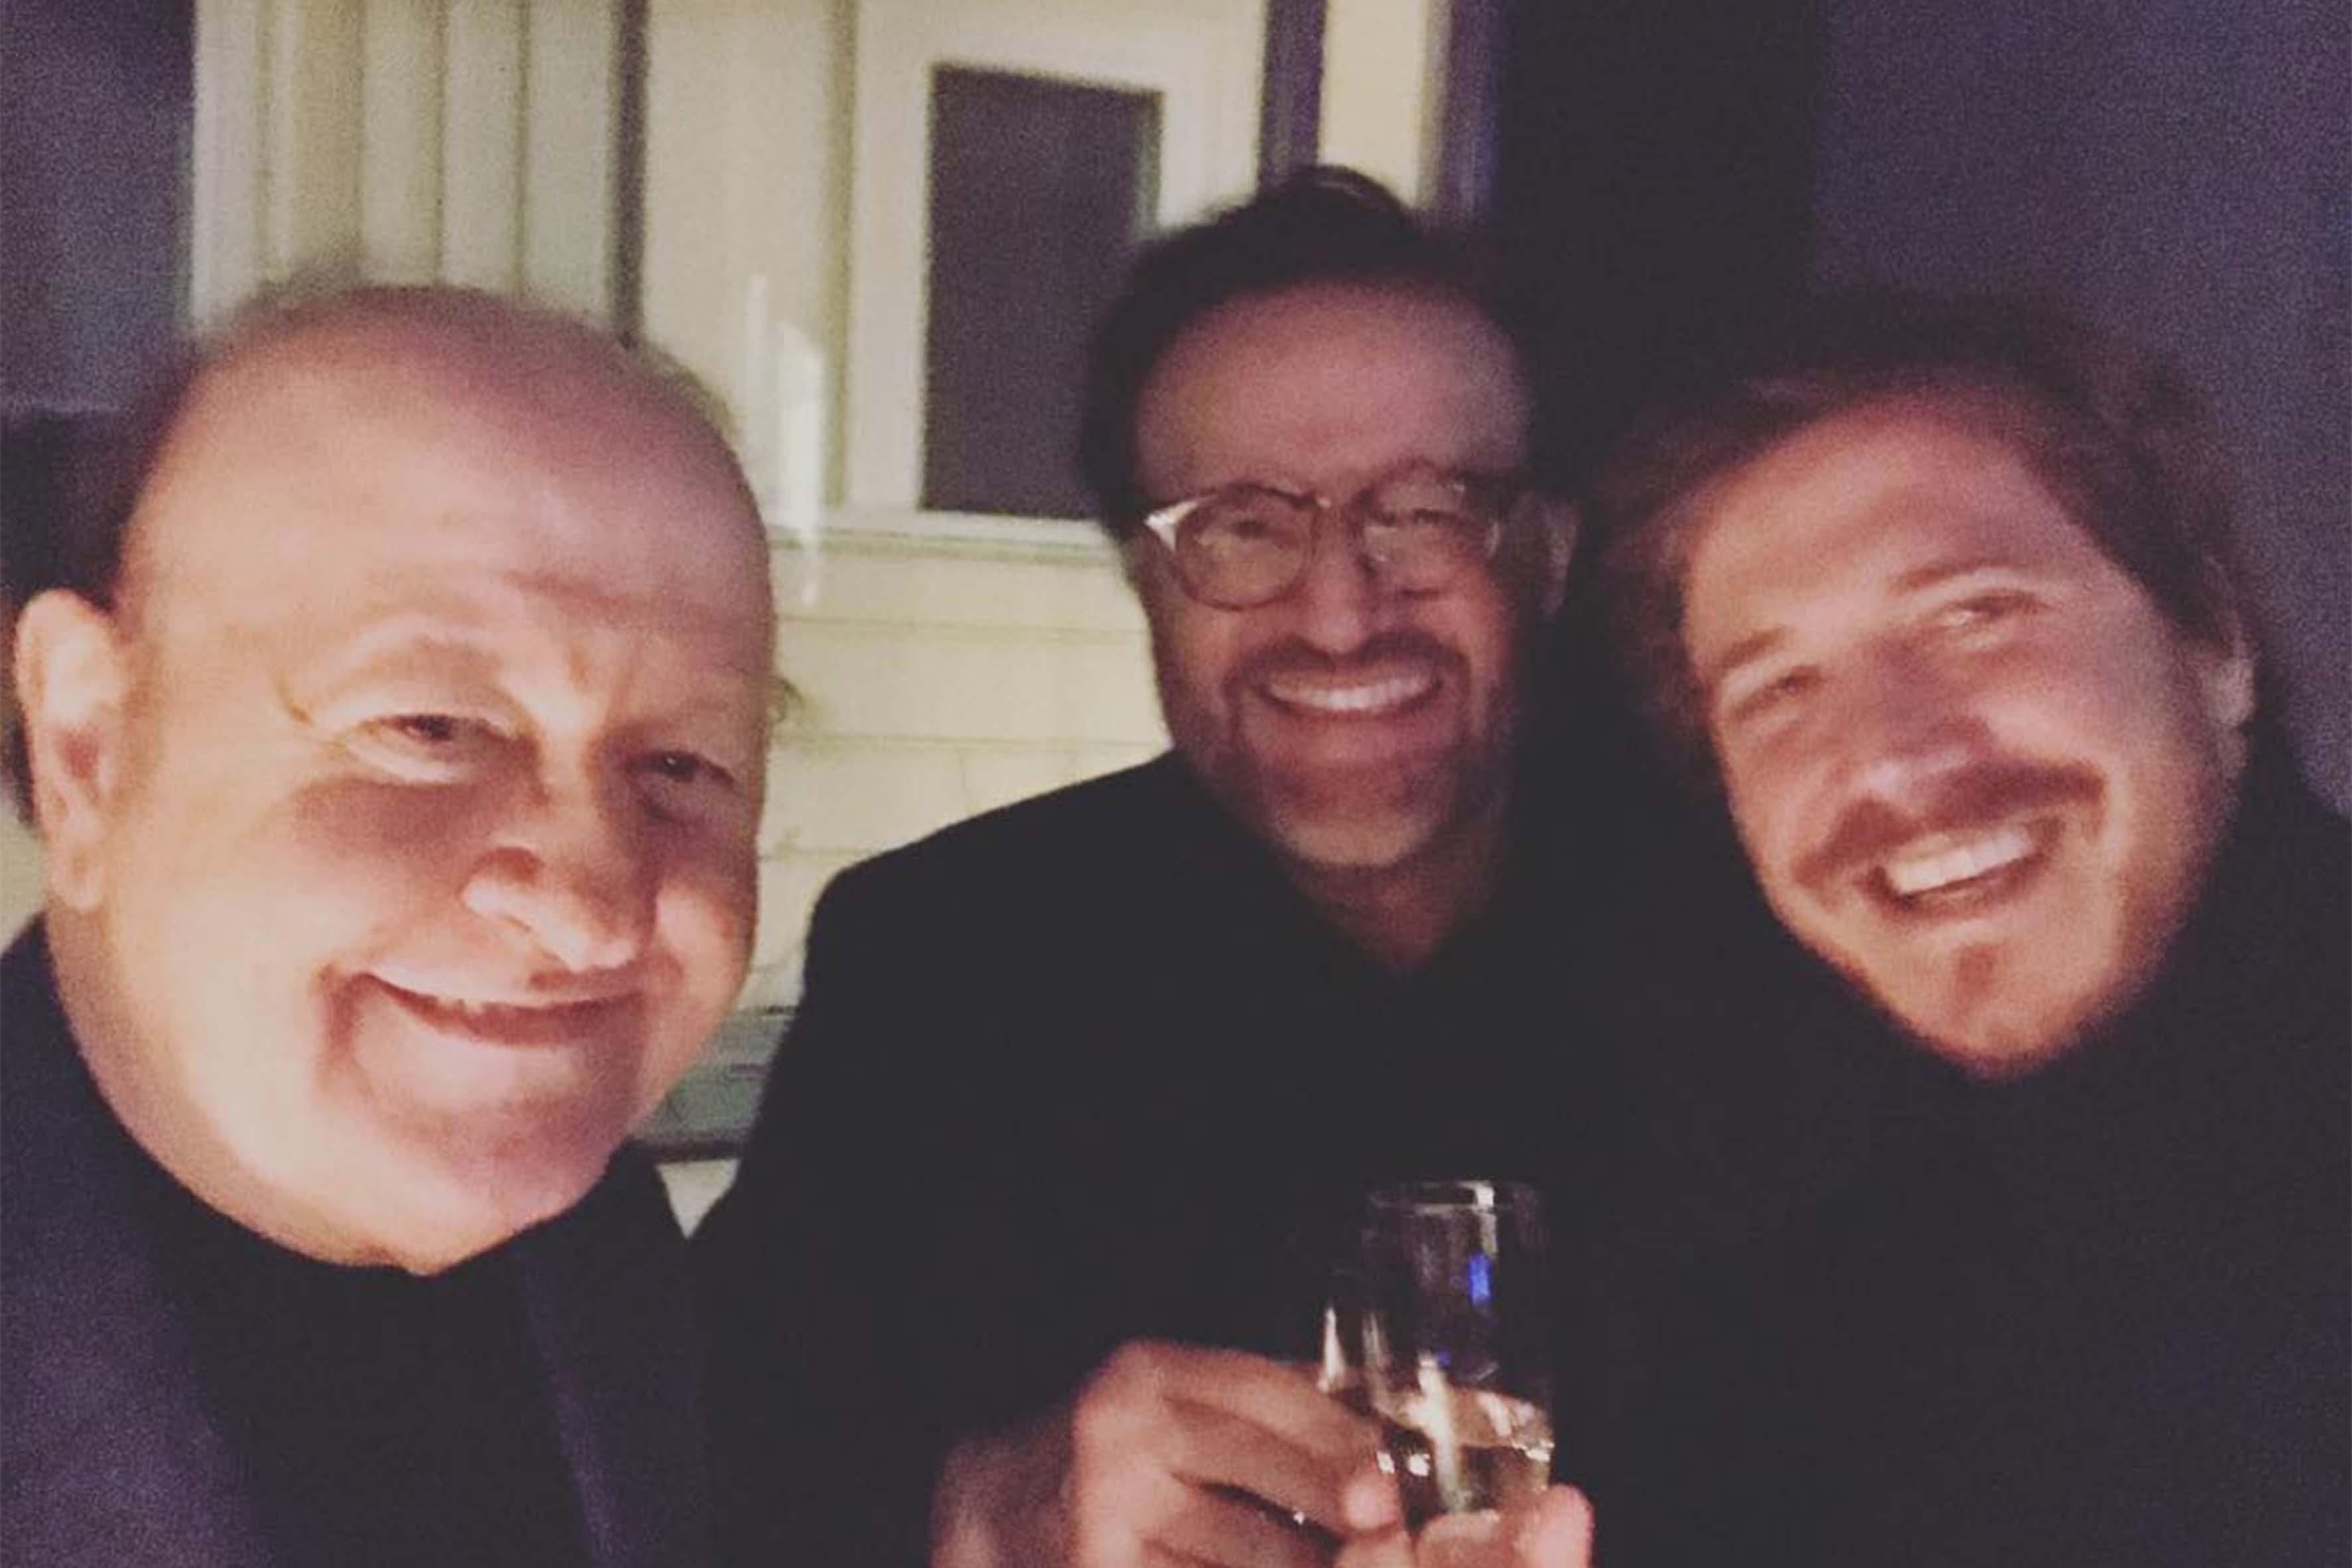 Christian De Sica, Massimo Boldi e Niccolò Pettito